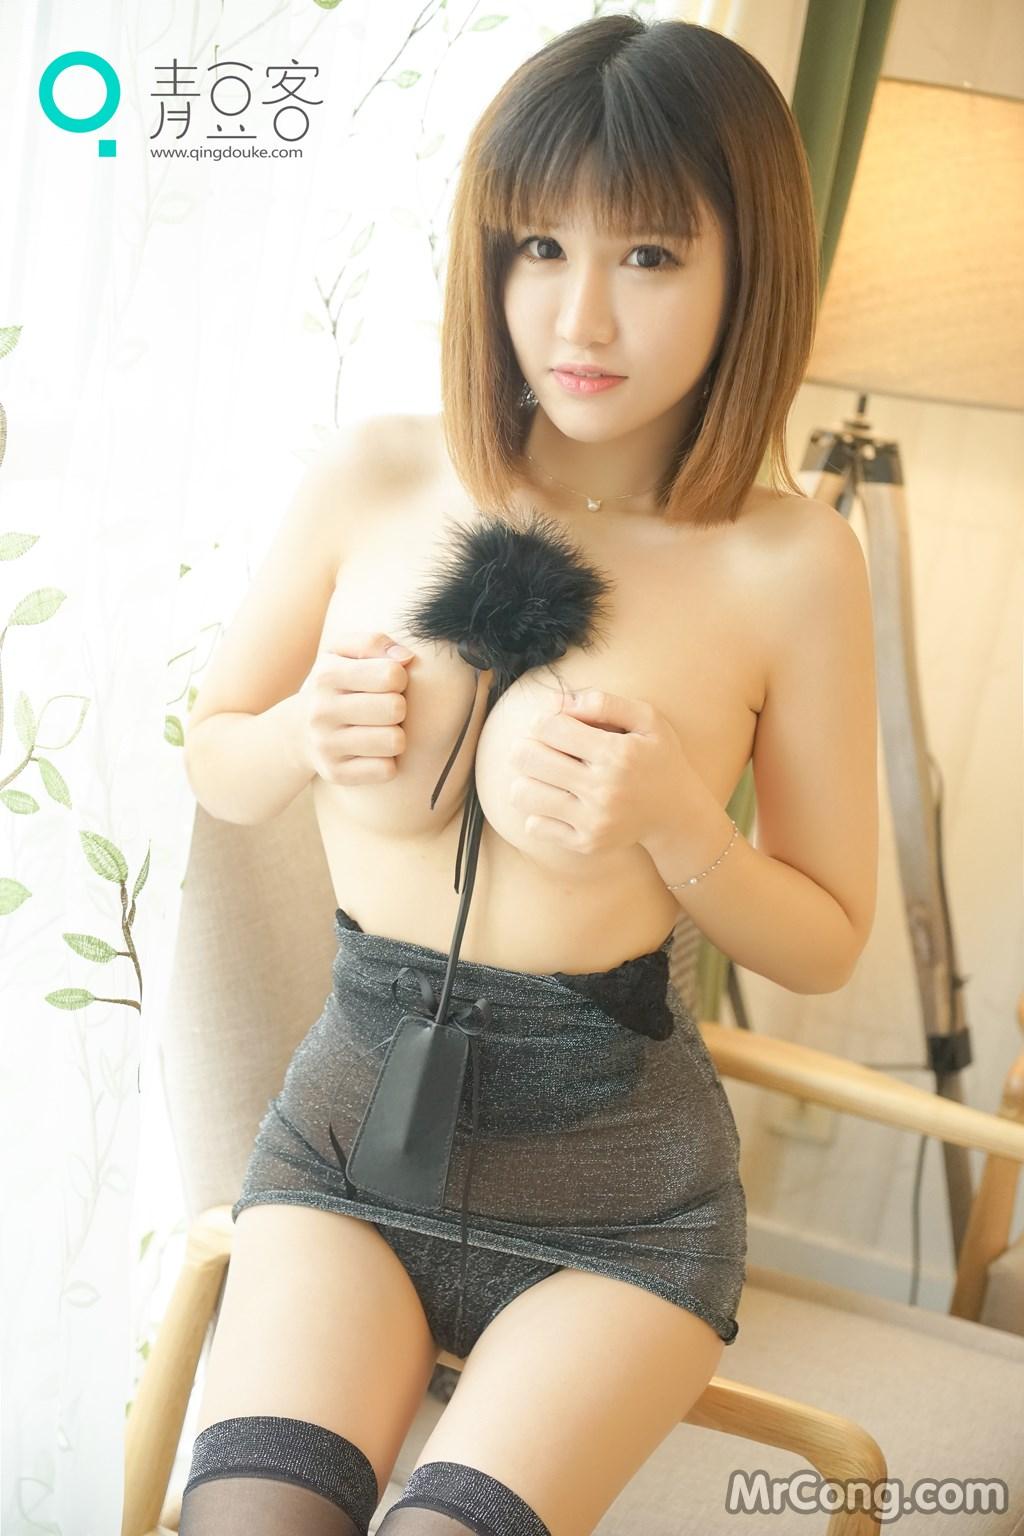 Image MrCong.com-QingDouKe-2016-11-21-K8-Aojiao-Meng-Meng-Vivian-010 in post QingDouKe 2016-11-21: Người mẫu Aojiao Meng Meng (K8傲娇萌萌Vivian) (52 ảnh)